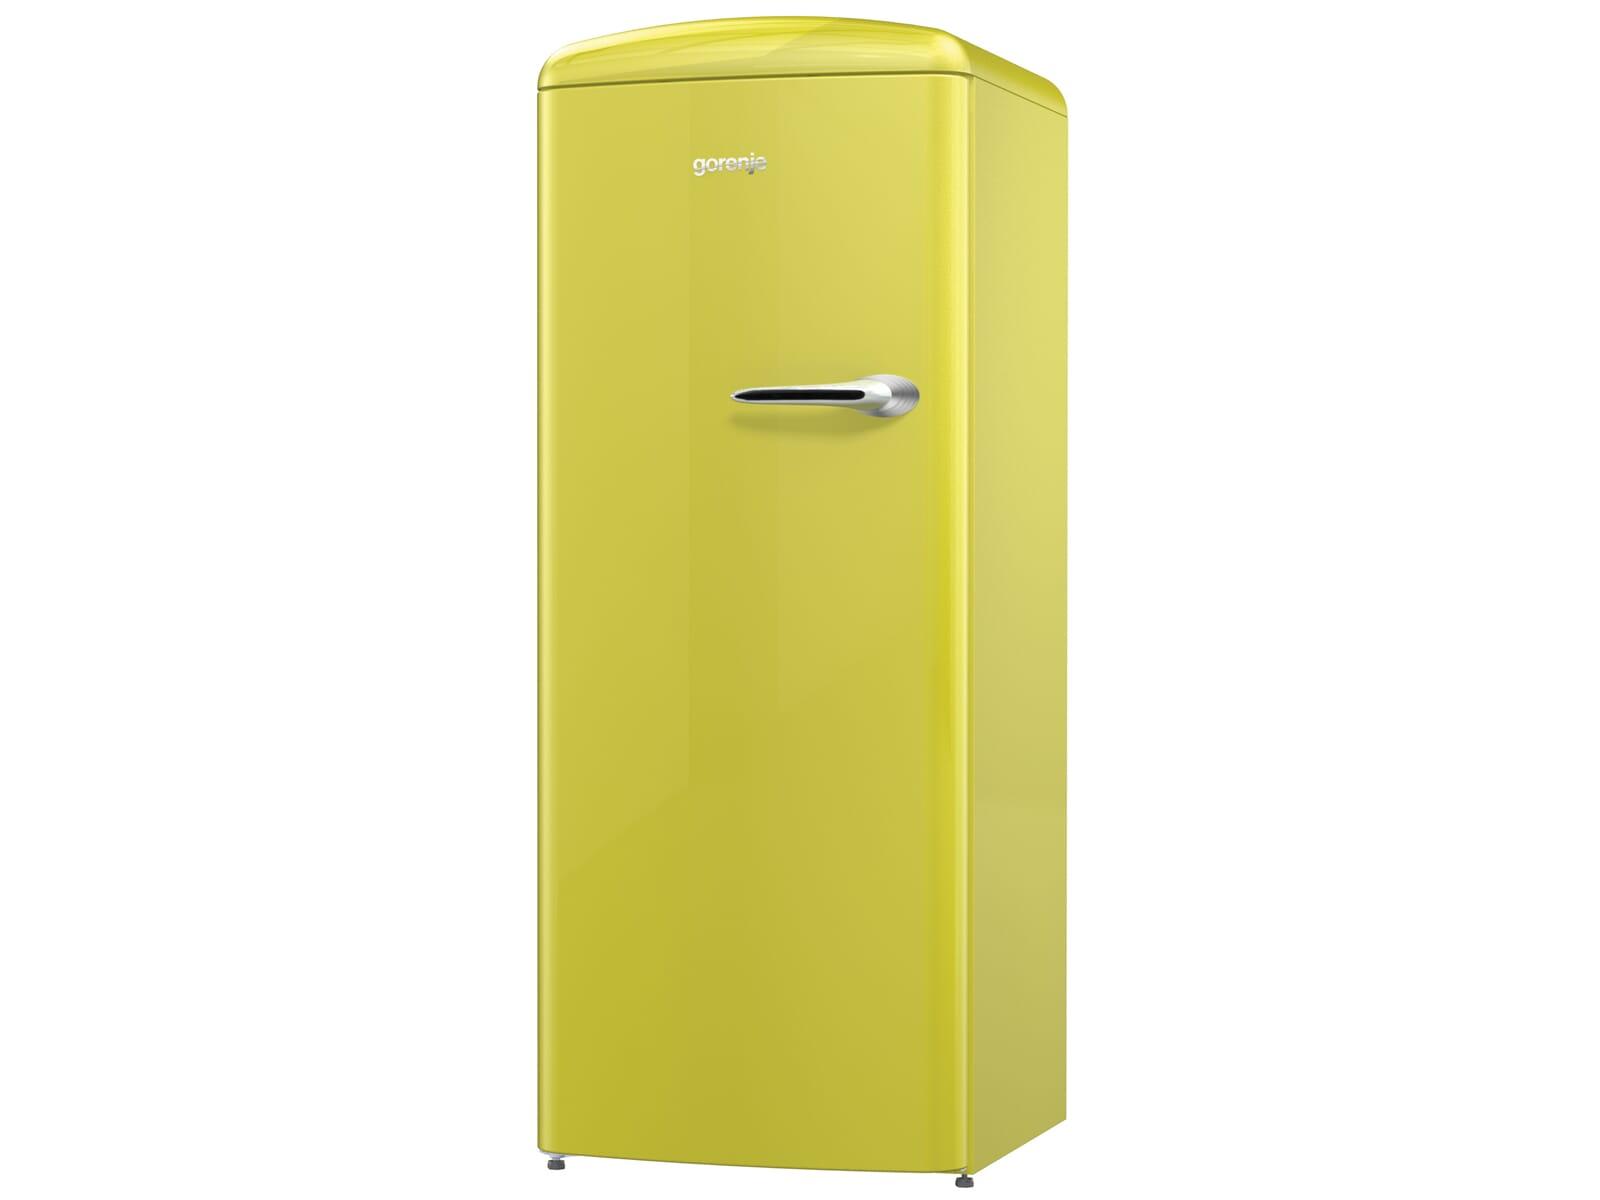 Gorenje Kühlschrank Ersatzteile Dichtung : Gorenje kühlschrank retro dichtung kühlschrank retro kühlschrank